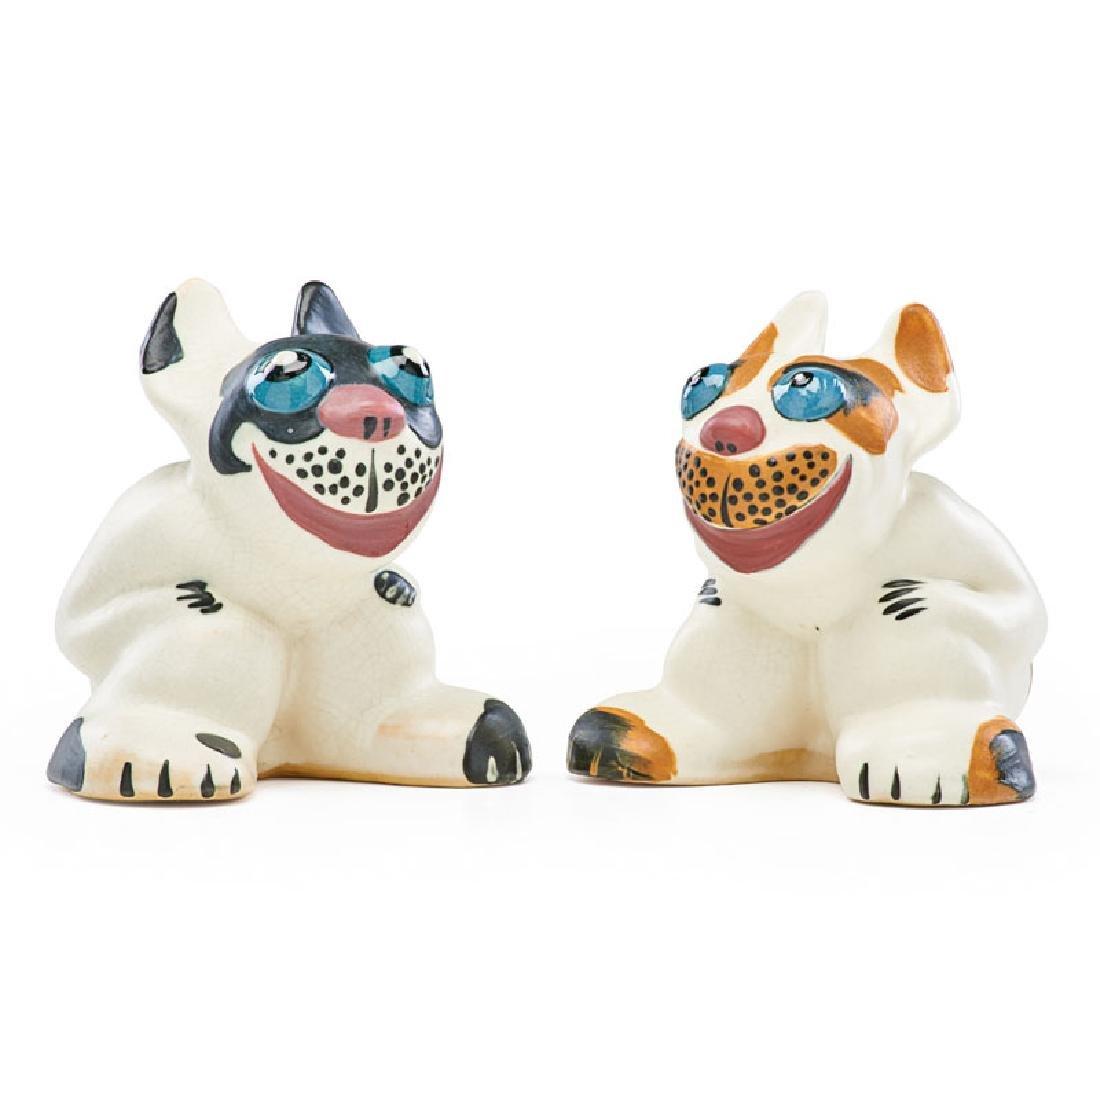 WELLER Two Pop-eye figural dogs